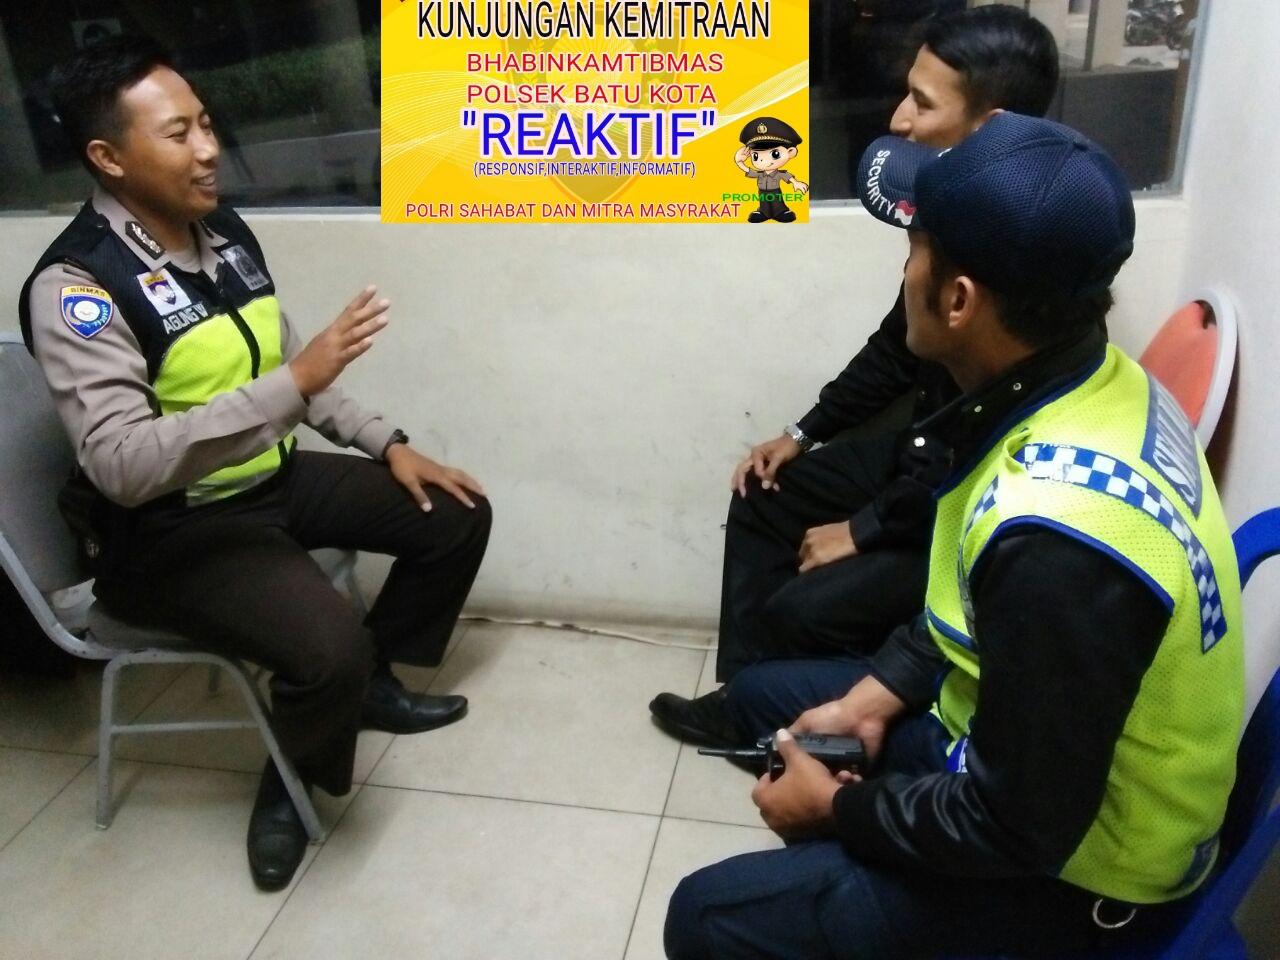 Menjaga Sinergitas, Anggota Polsek Batu Polres Batu Giatkan Patroli Tatap Muka Dengan Satpam